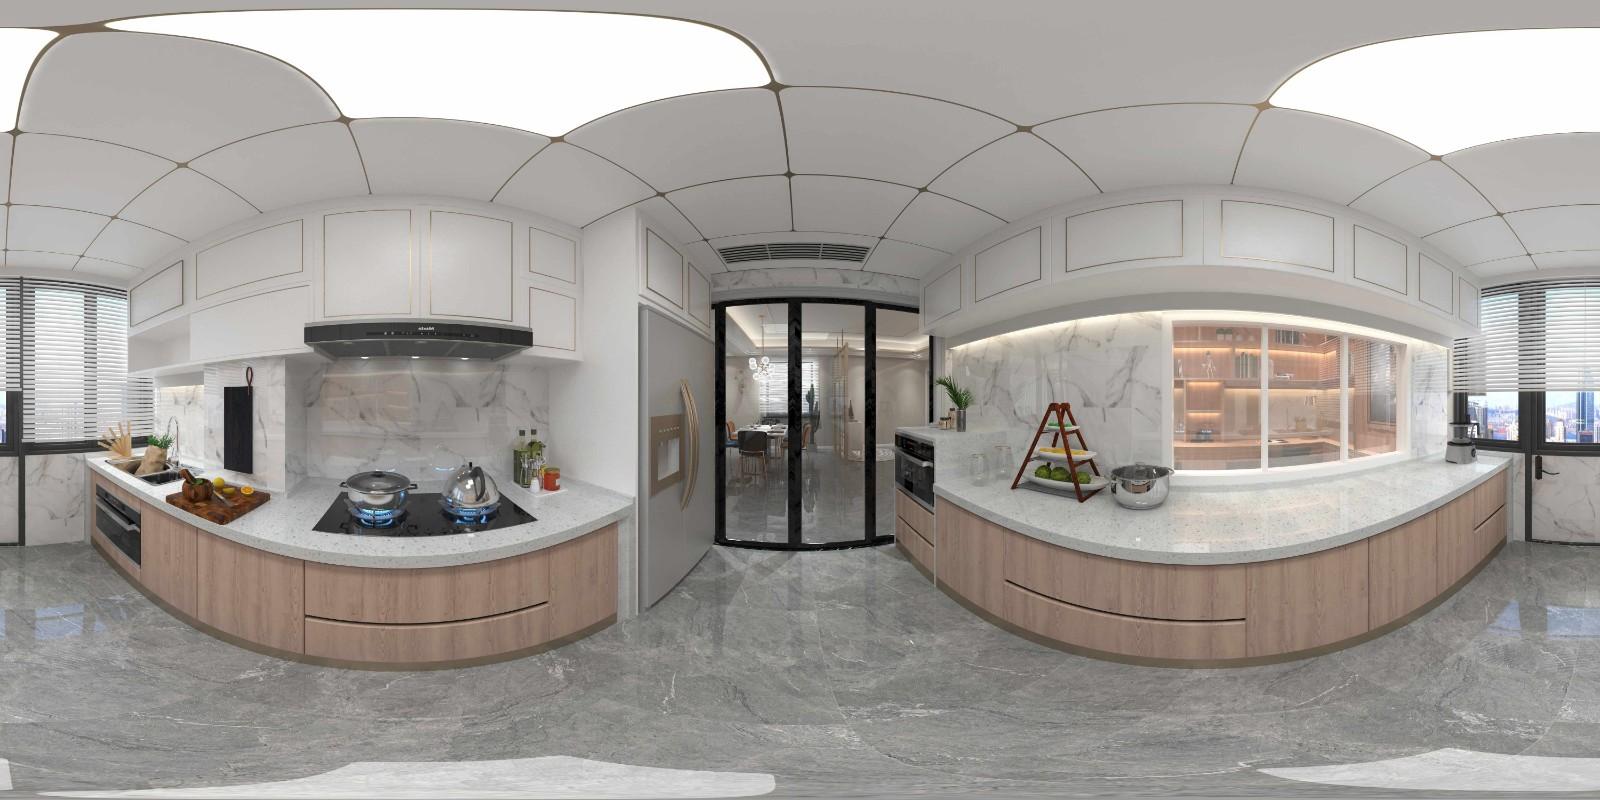 商业空间_商业模式三要素相关-深圳市唯创装饰设计工程有限公司